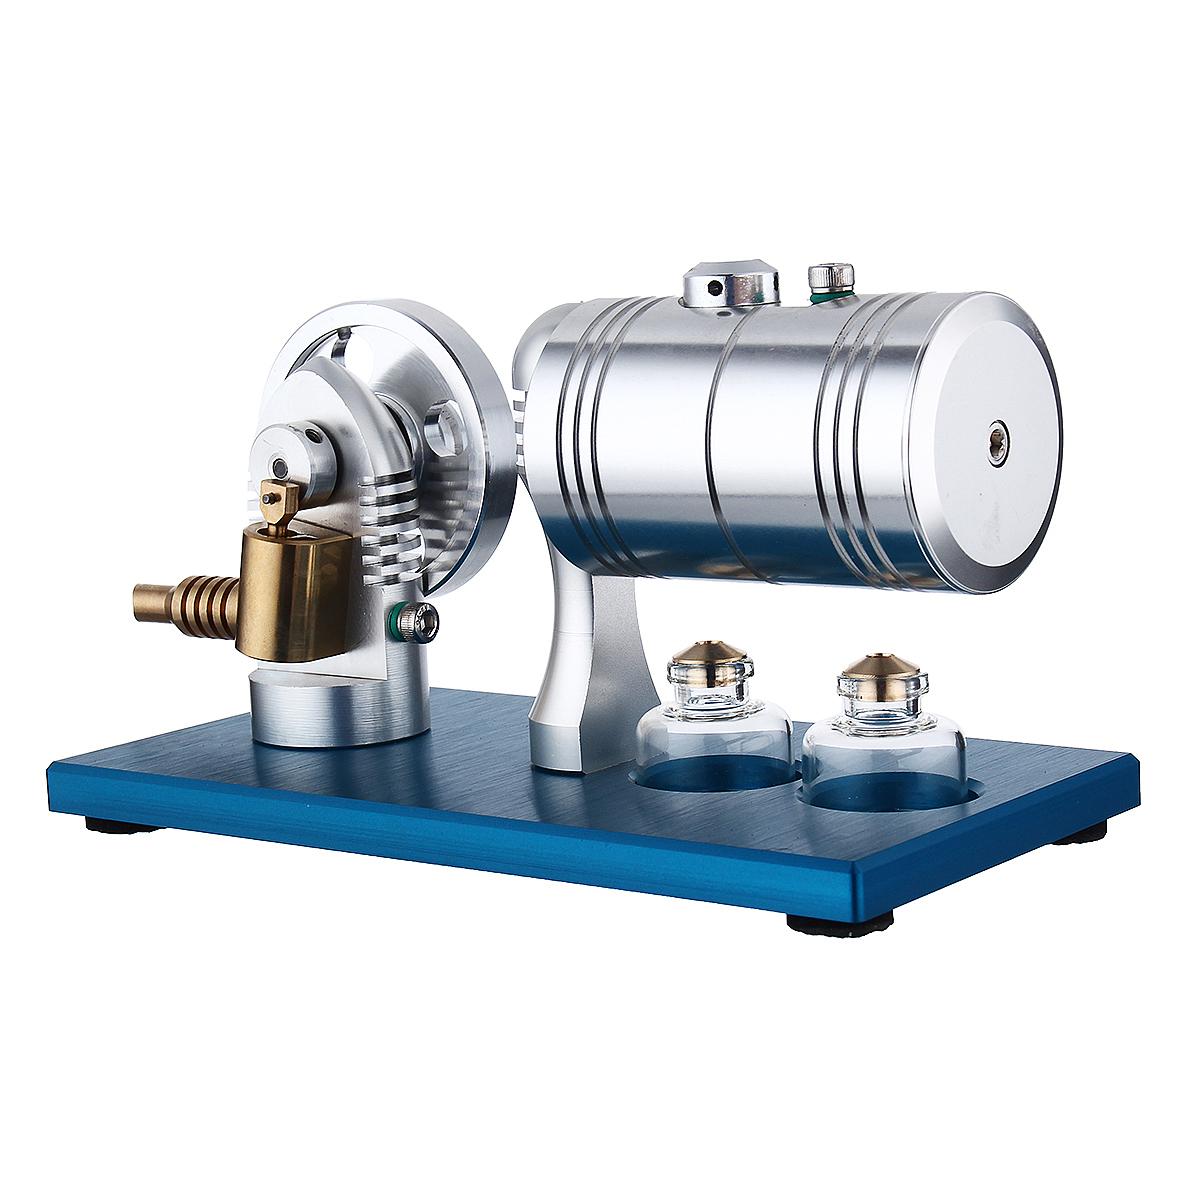 SaiDi STEM Dampfmaschine + Heizkessel + Alkohollampe Wissenschaftsspielzeug